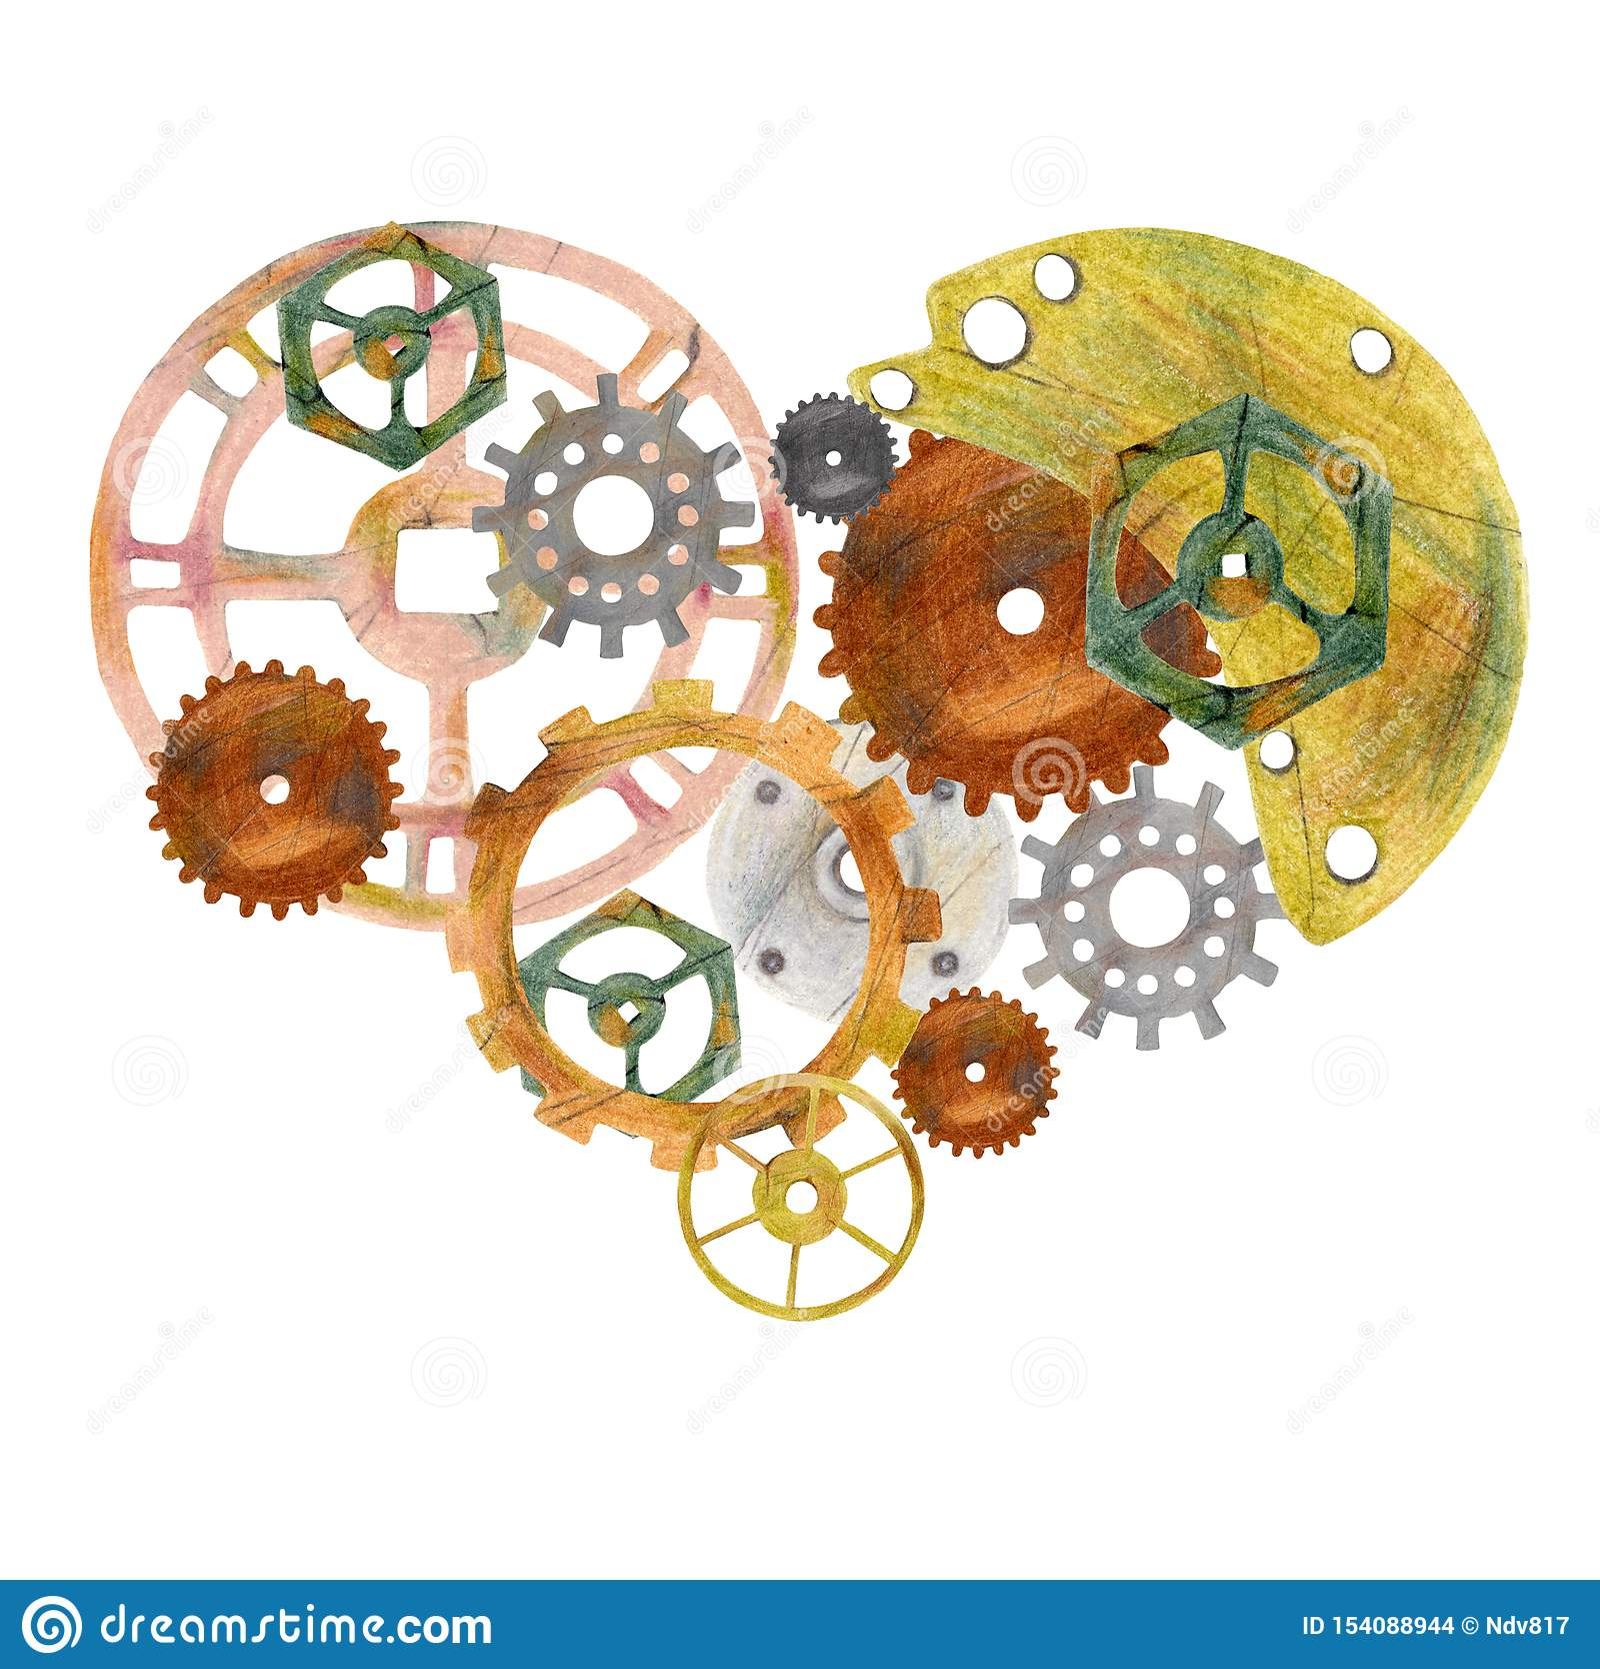 Coração do vintage de Steampunk com rodas denteadas, engrenagens e ventils